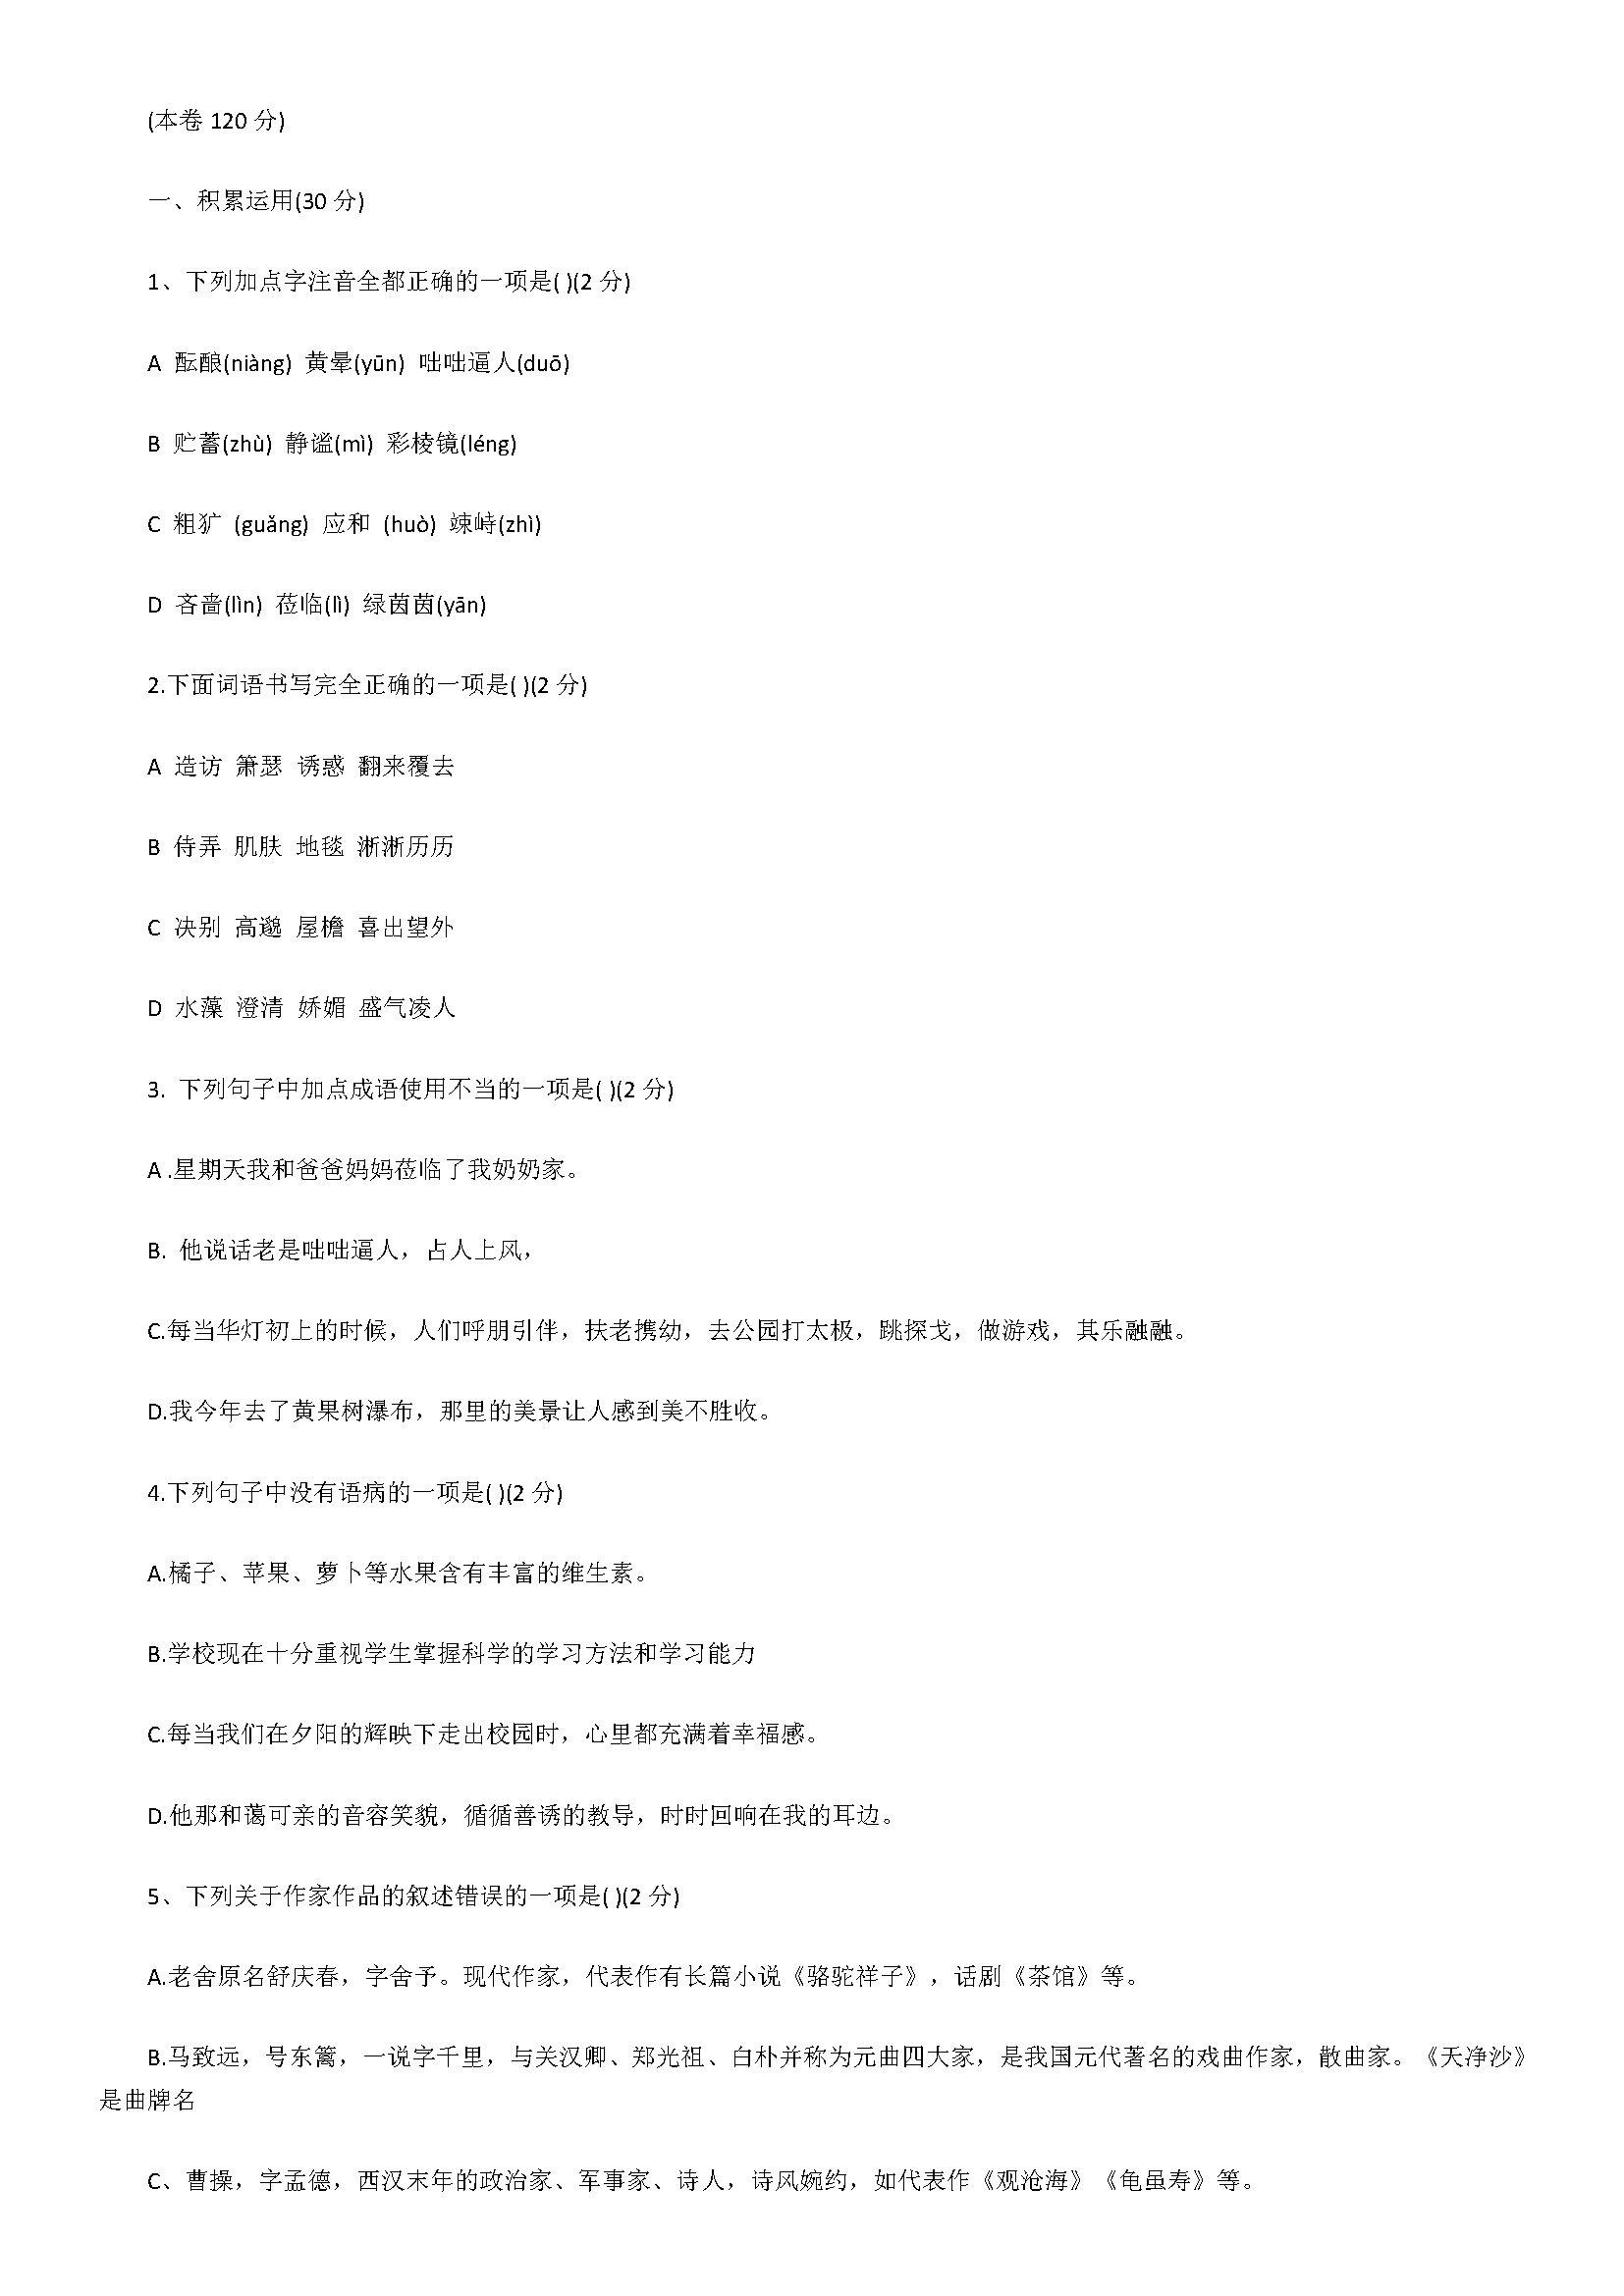 2018七年级语文上册月考检测试题(附参考答案)